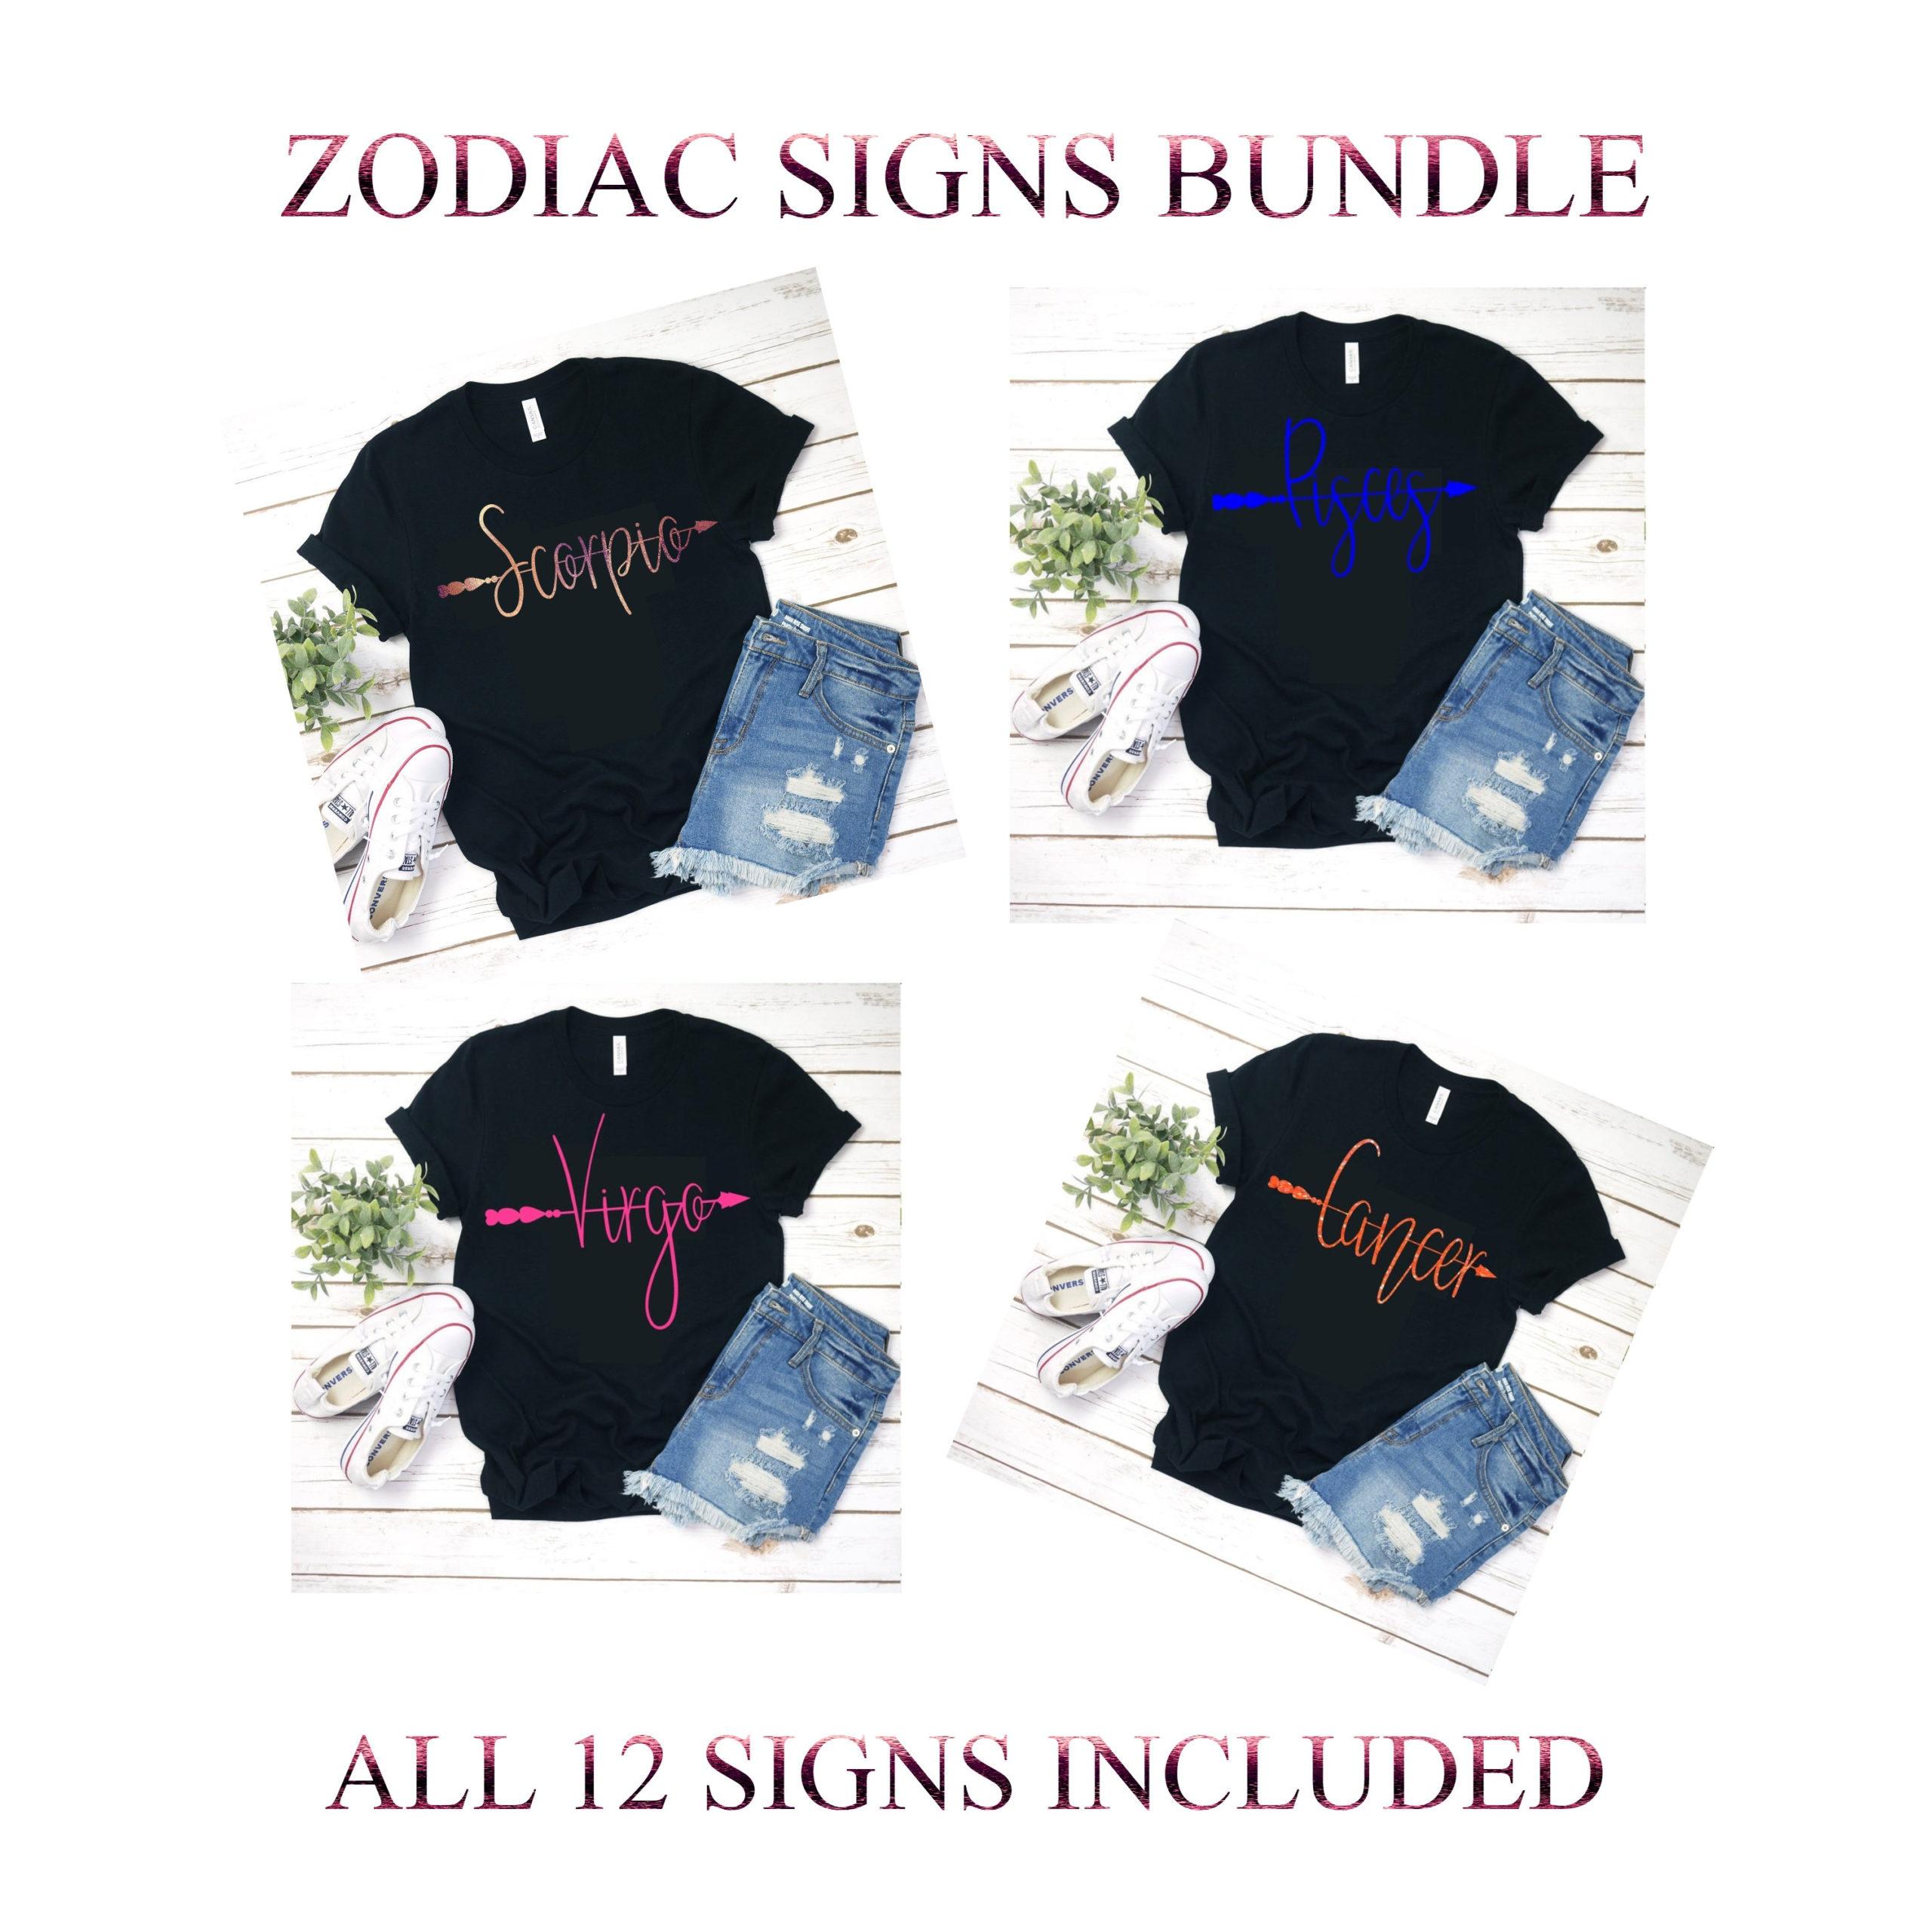 Scorpio-signs-bundle-svgzodiac-svgzodiac-sign-svgconstellation-svgstarzodiac-birthday-svghoroscope-svghoroscope-signscorpio-birthday-5e221df3